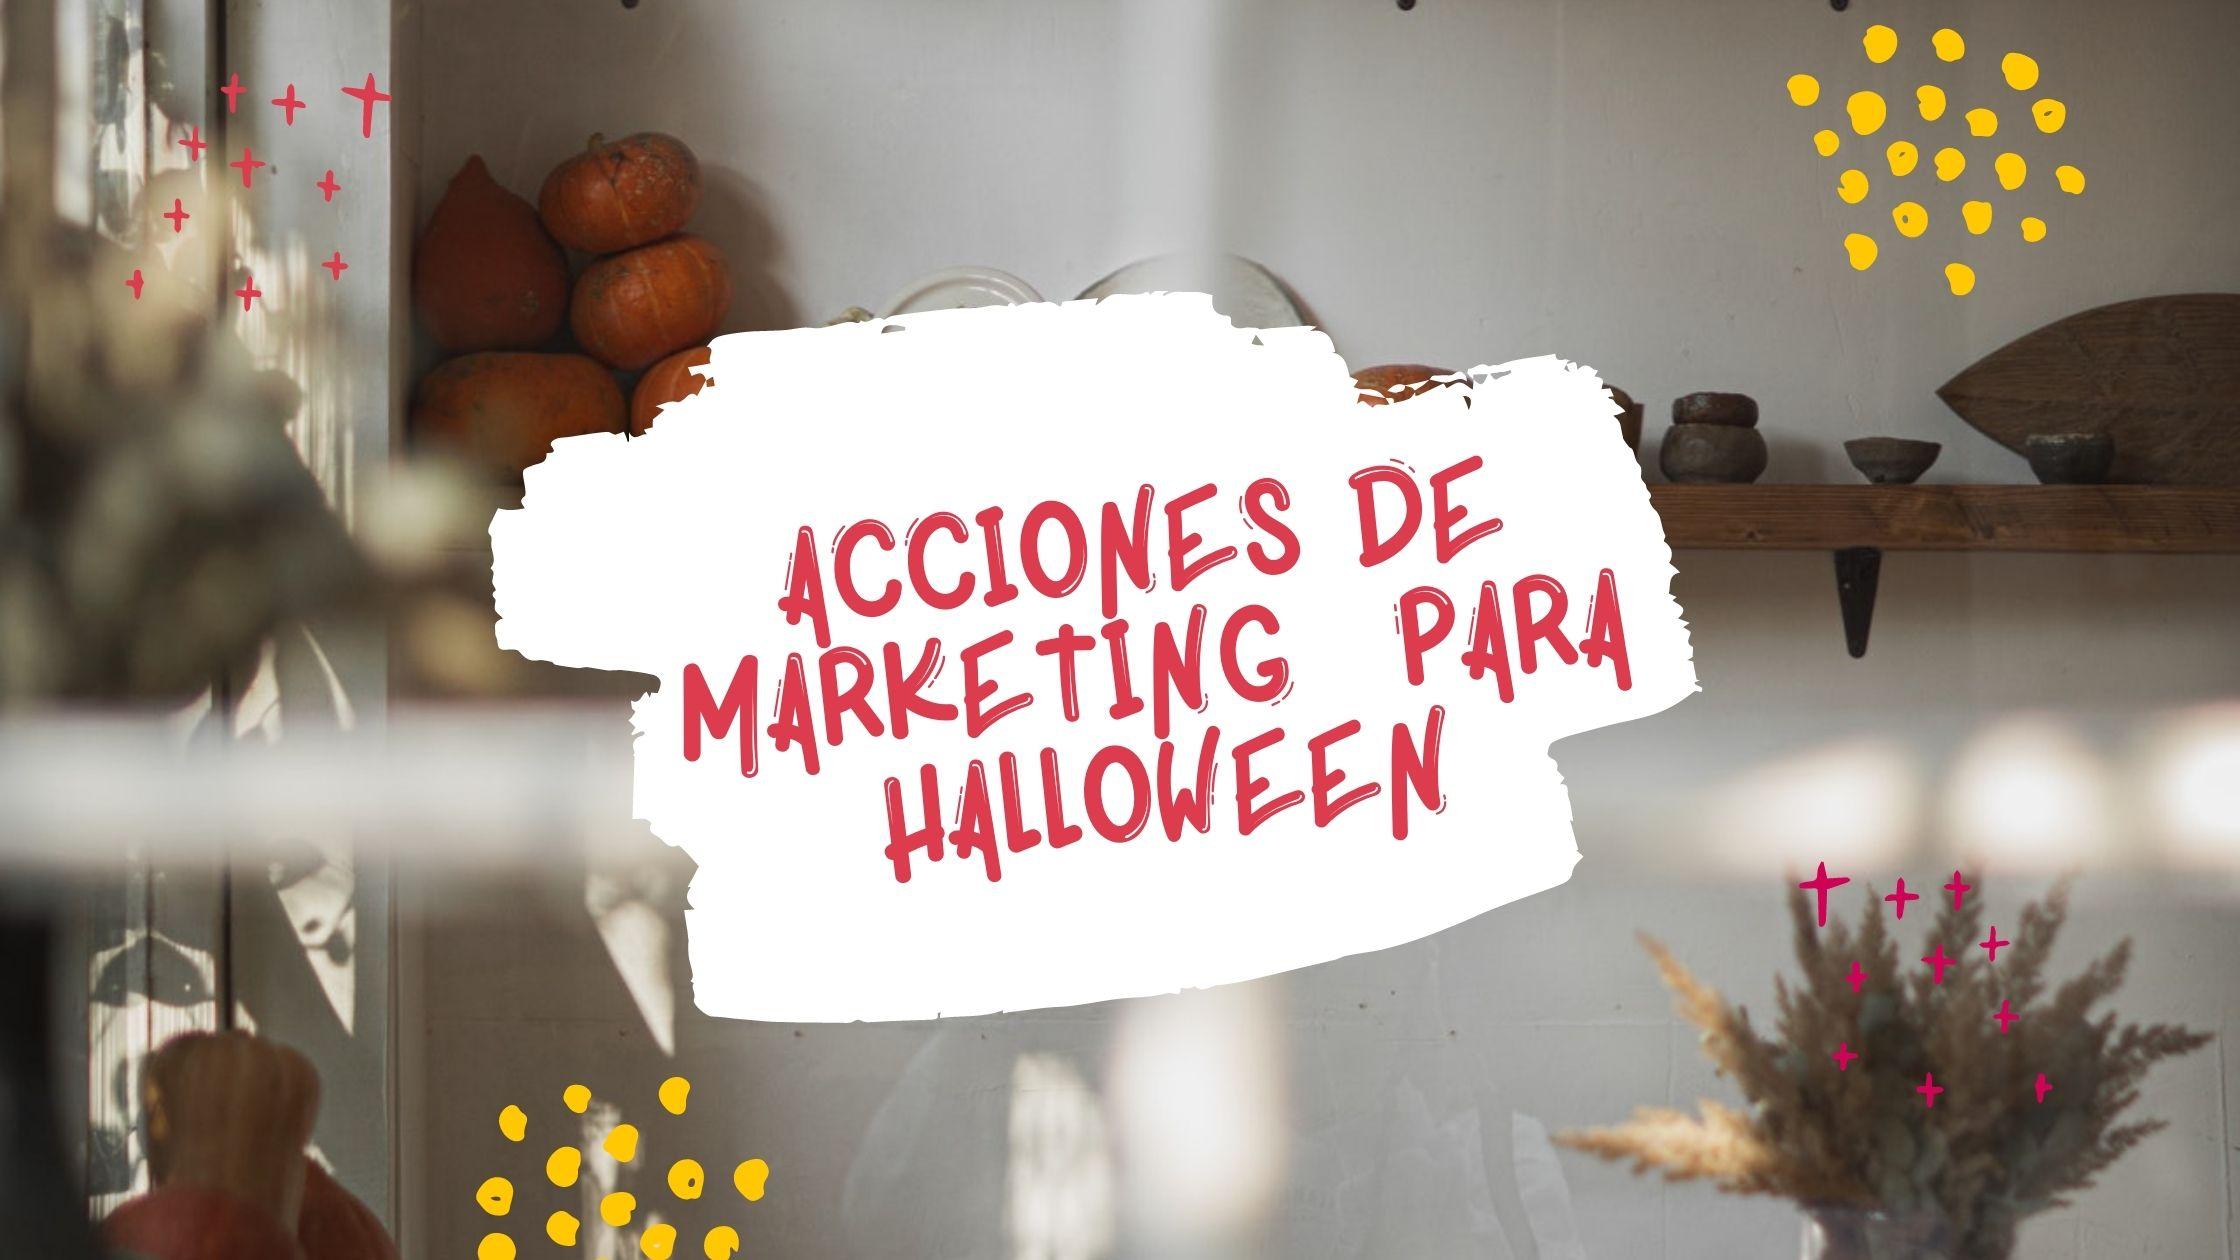 Acciones de marketing  para Halloween